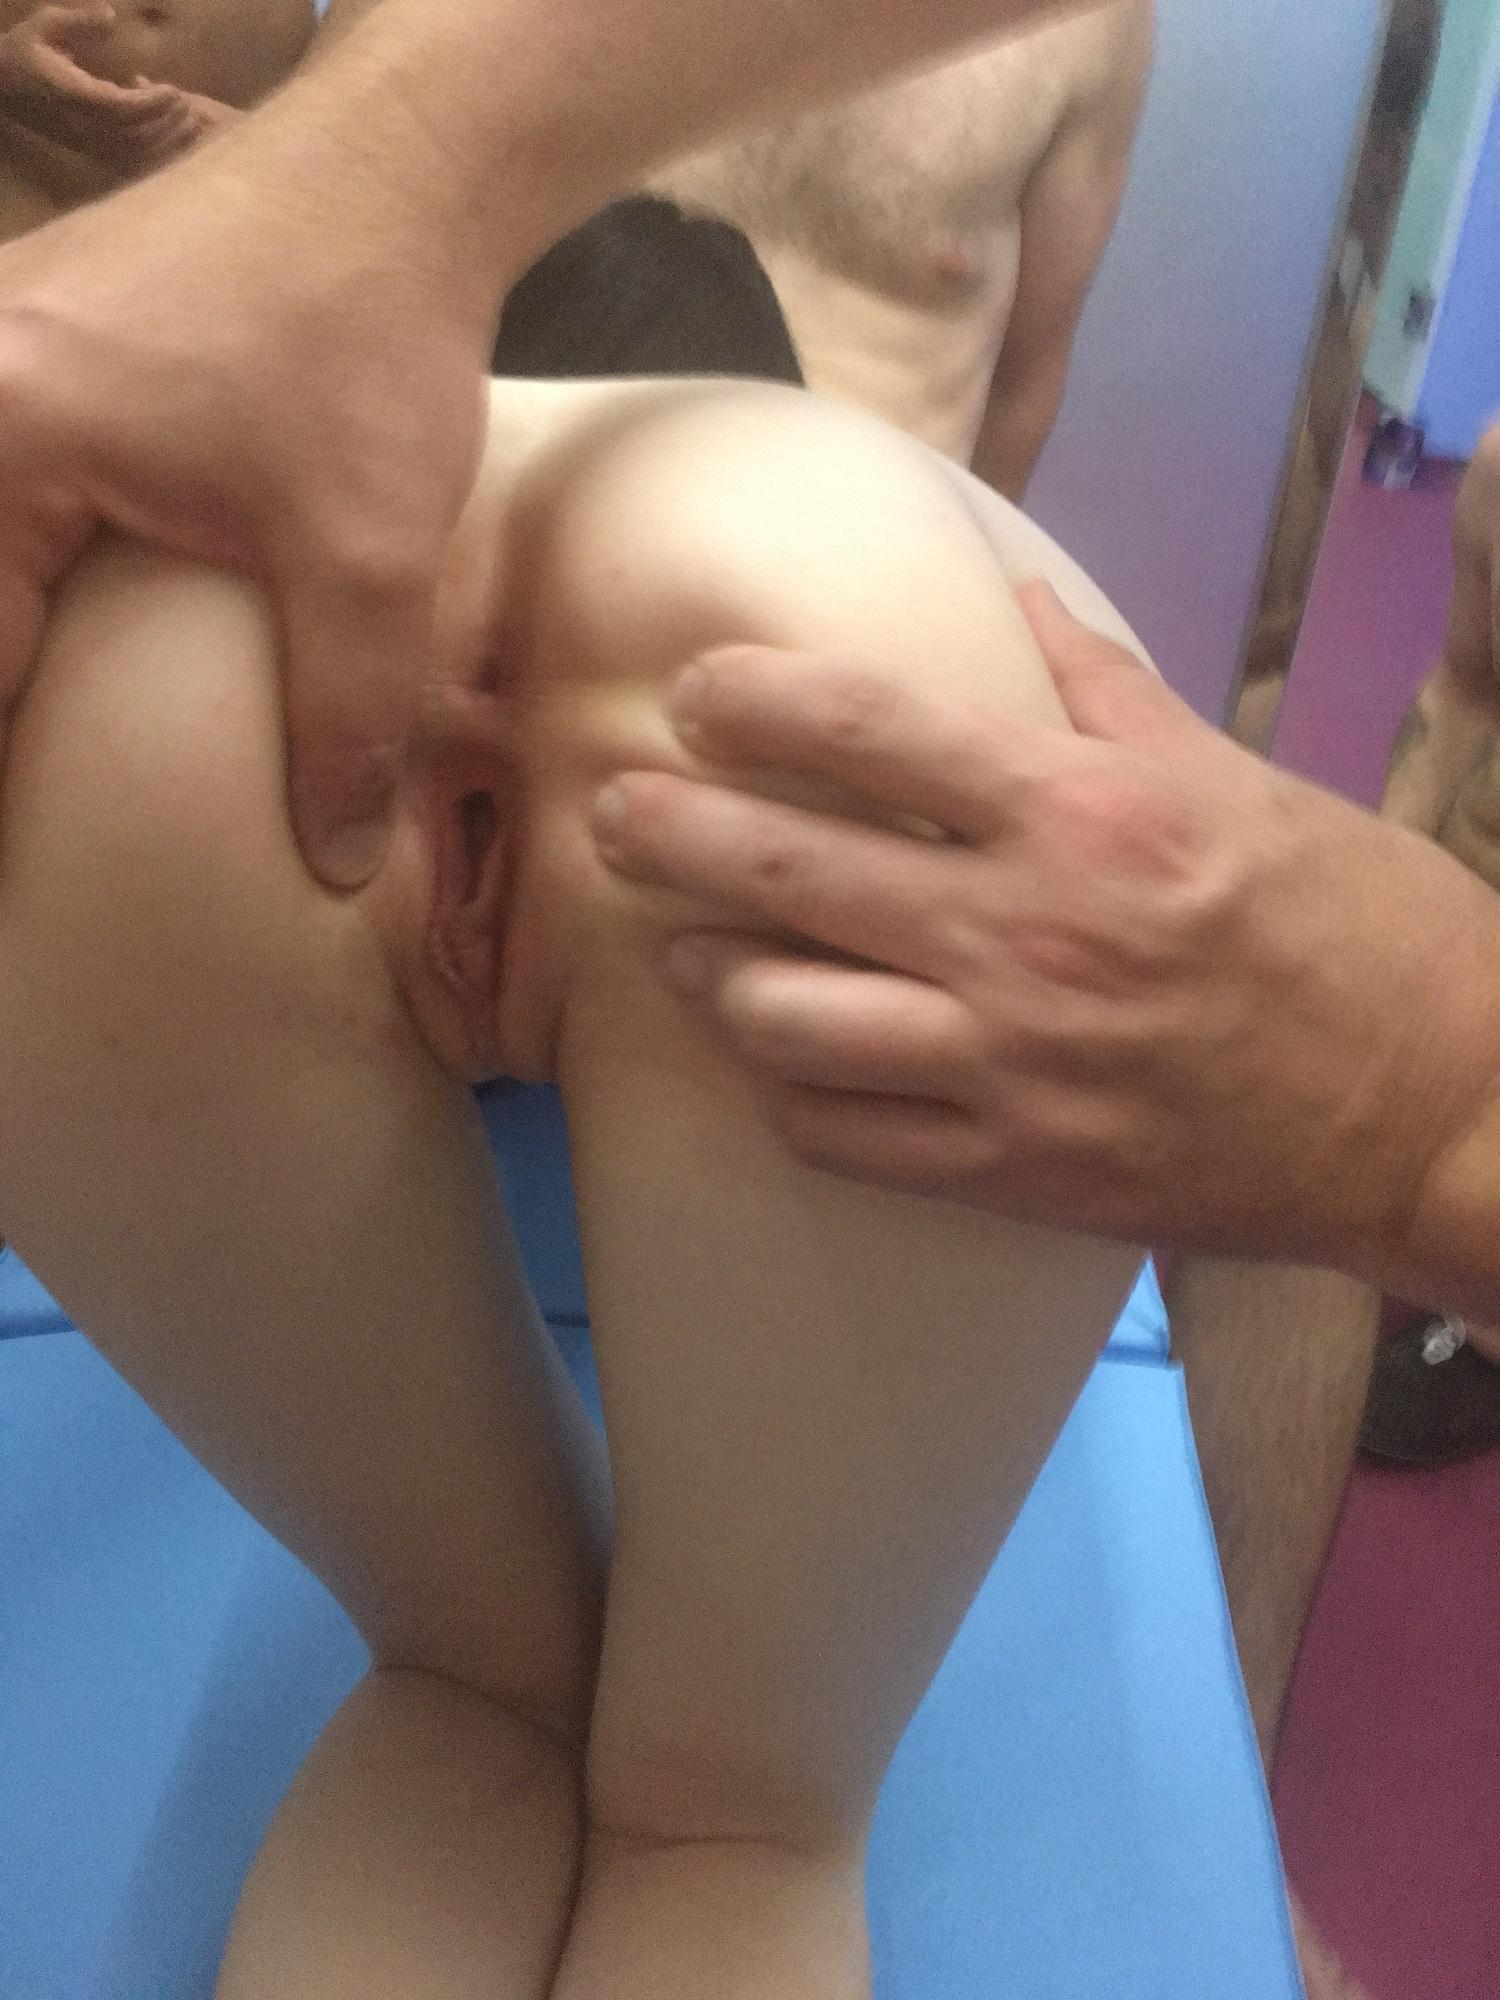 Gangbang Porn Video